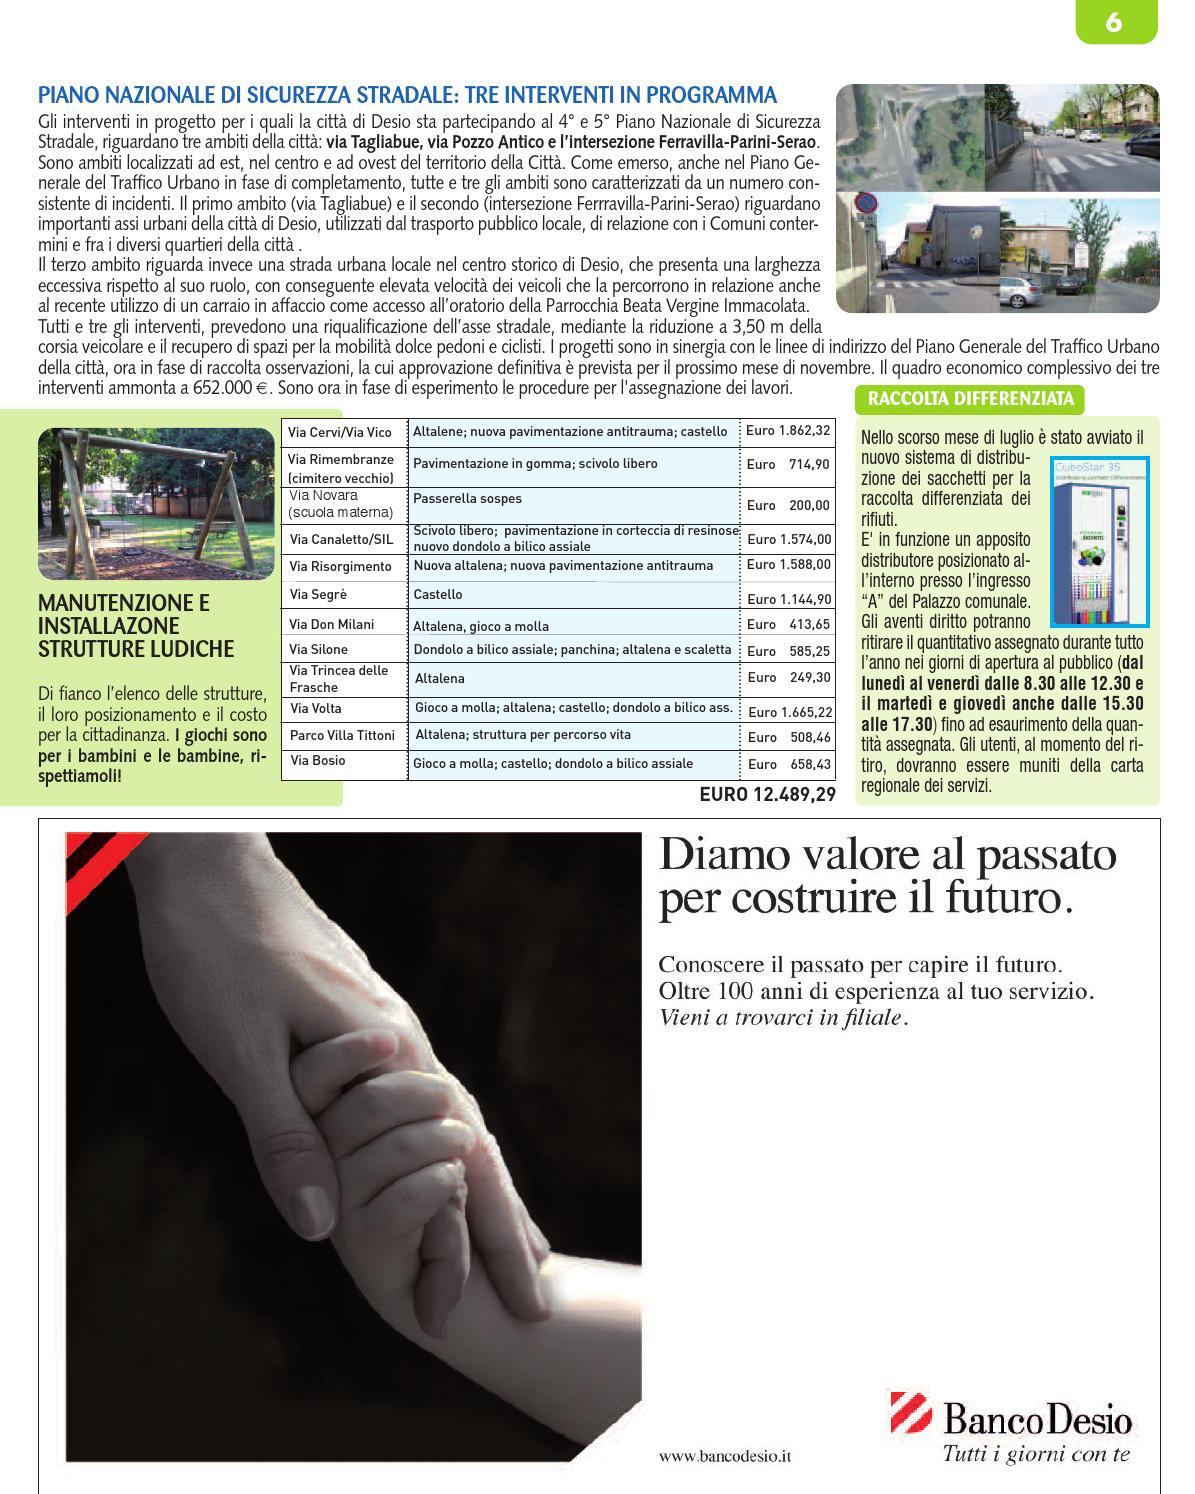 Via Trincea Delle Frasche Desio giornale comunale di desio by lime edizioni srl - issuu